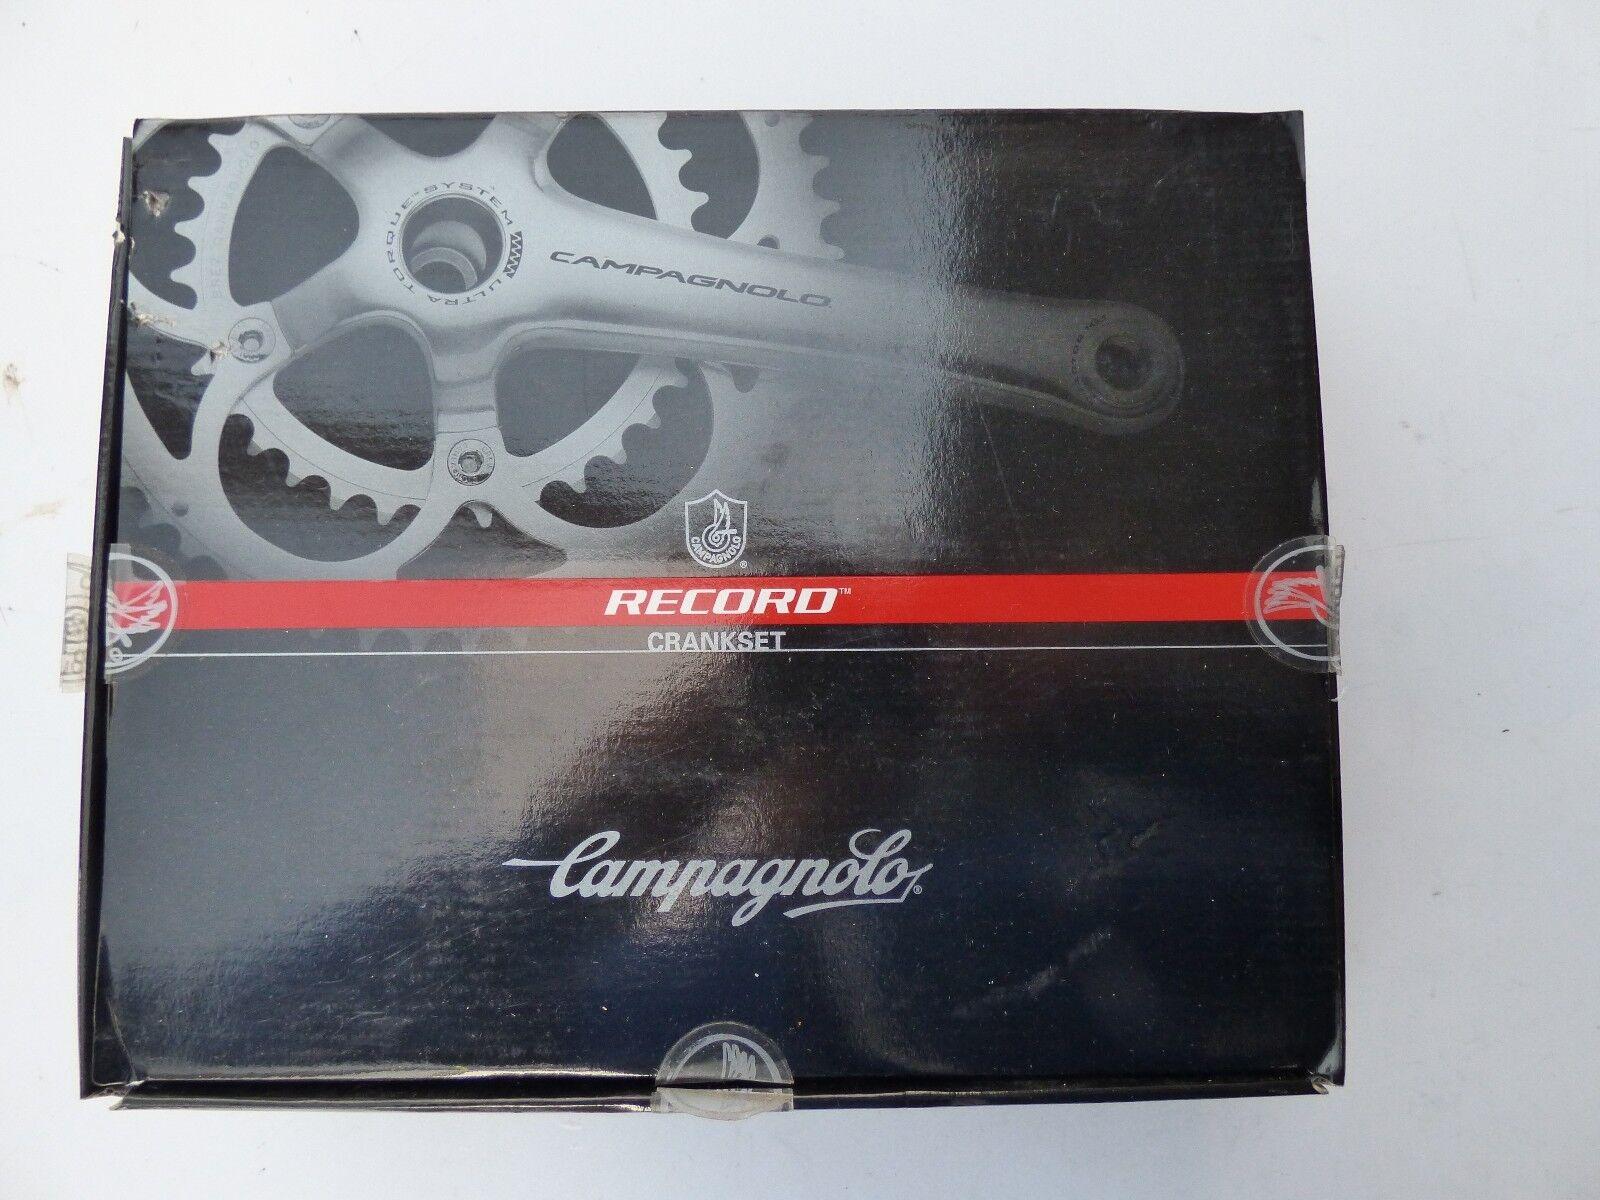 CAMPAGNOLO RECORD CocheBON CRANKSET 11-SP ULTRA TORQUE 53 39T - 180 mm -NOS  NIB